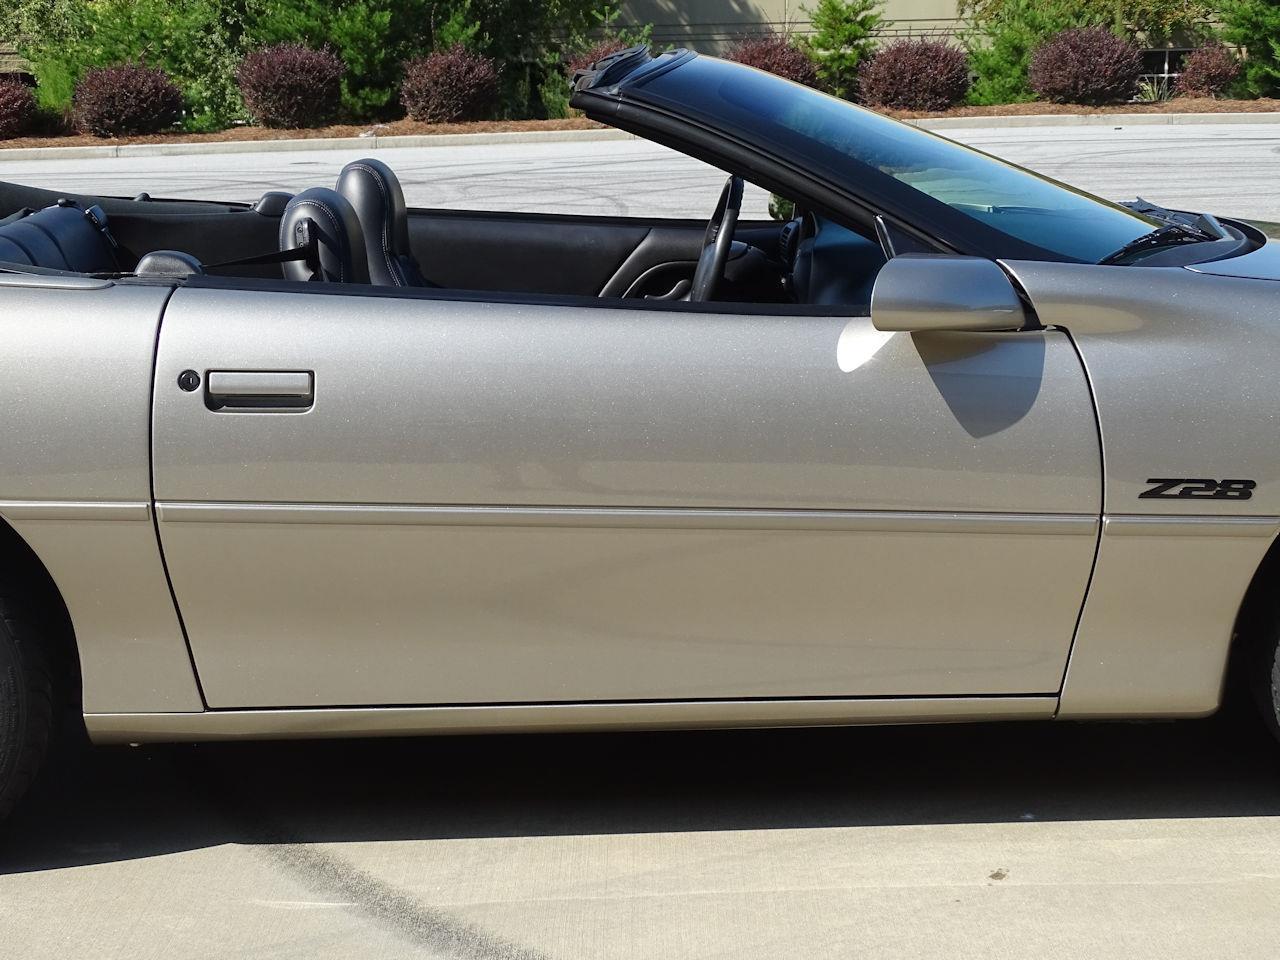 2002 Chevrolet Camaro (CC-1419840) for sale in O'Fallon, Illinois